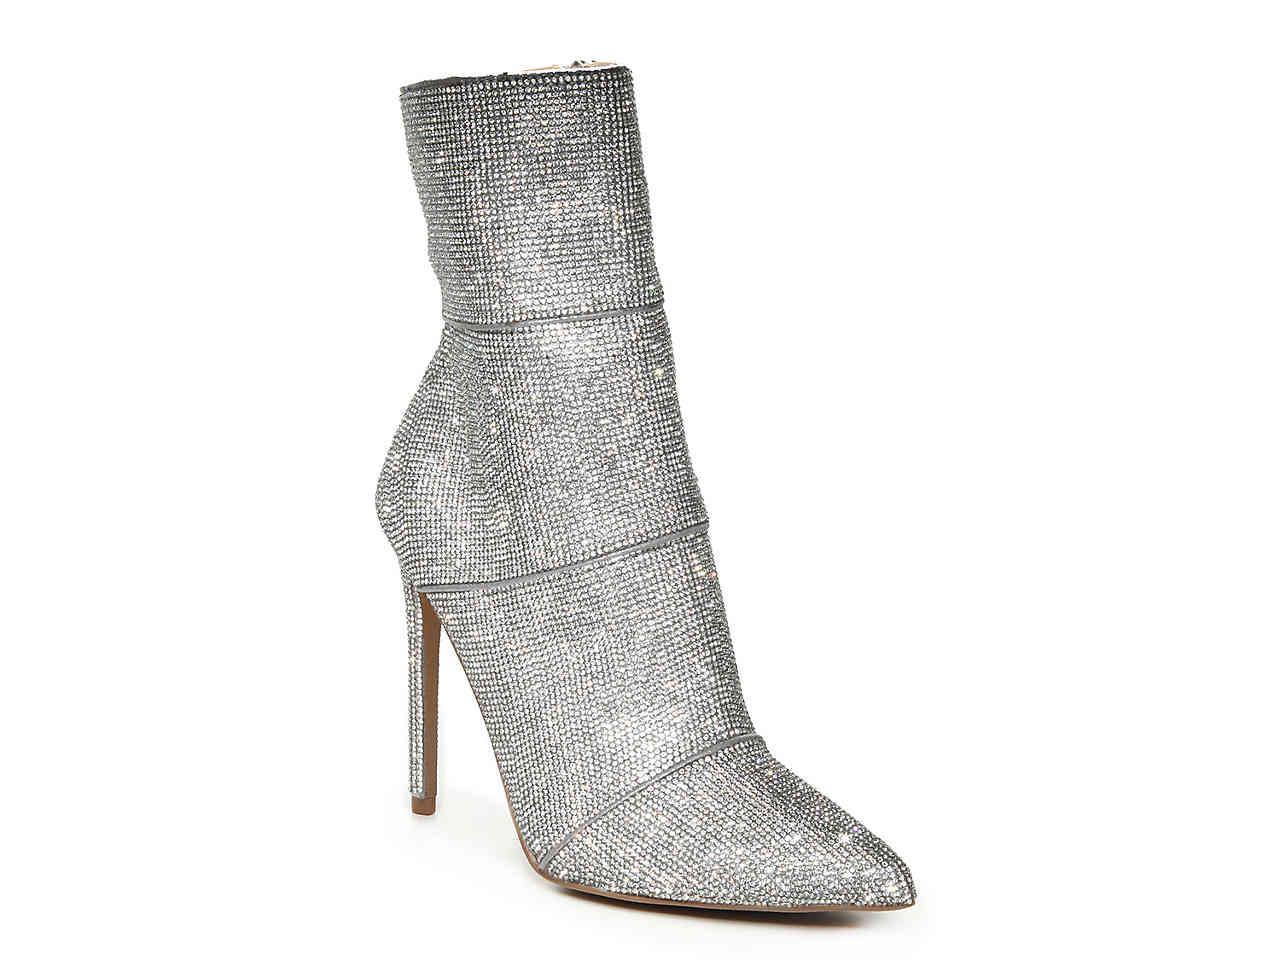 glitter shiny NYE heeled booties